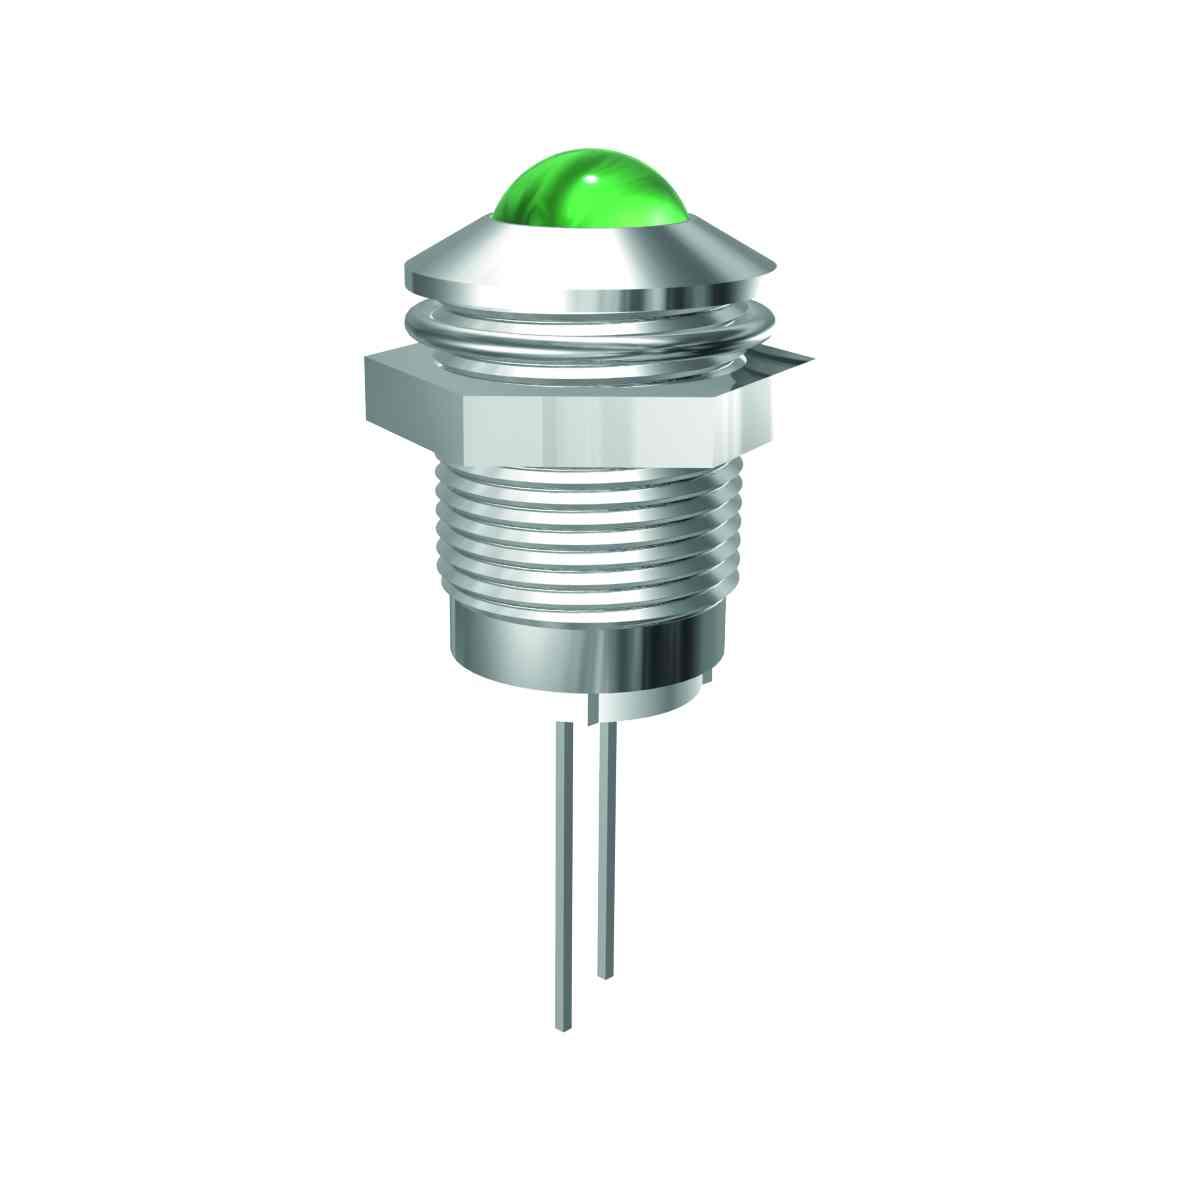 LED-Signalleuchte Ø12mm Außenreflektor